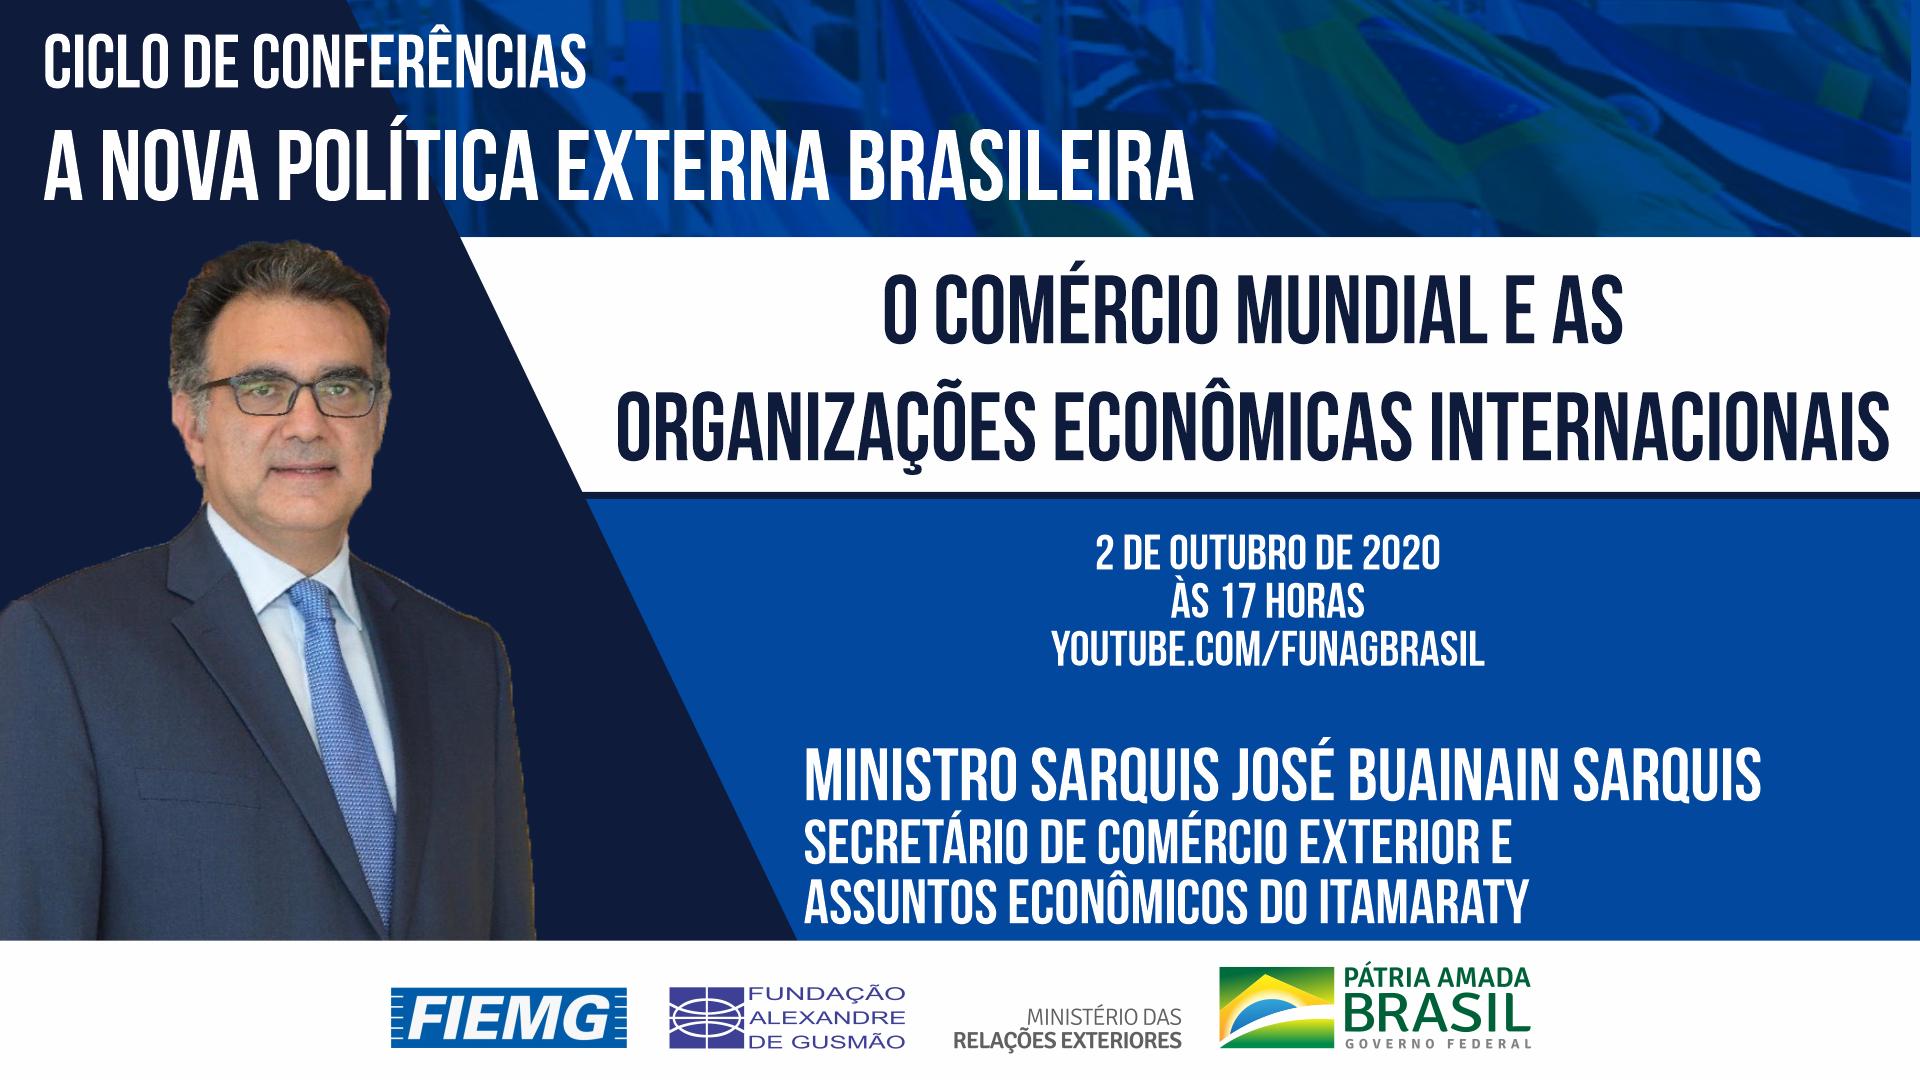 Conferência do secretário de Comércio Exterior e Assuntos Econômicos do Itamaraty